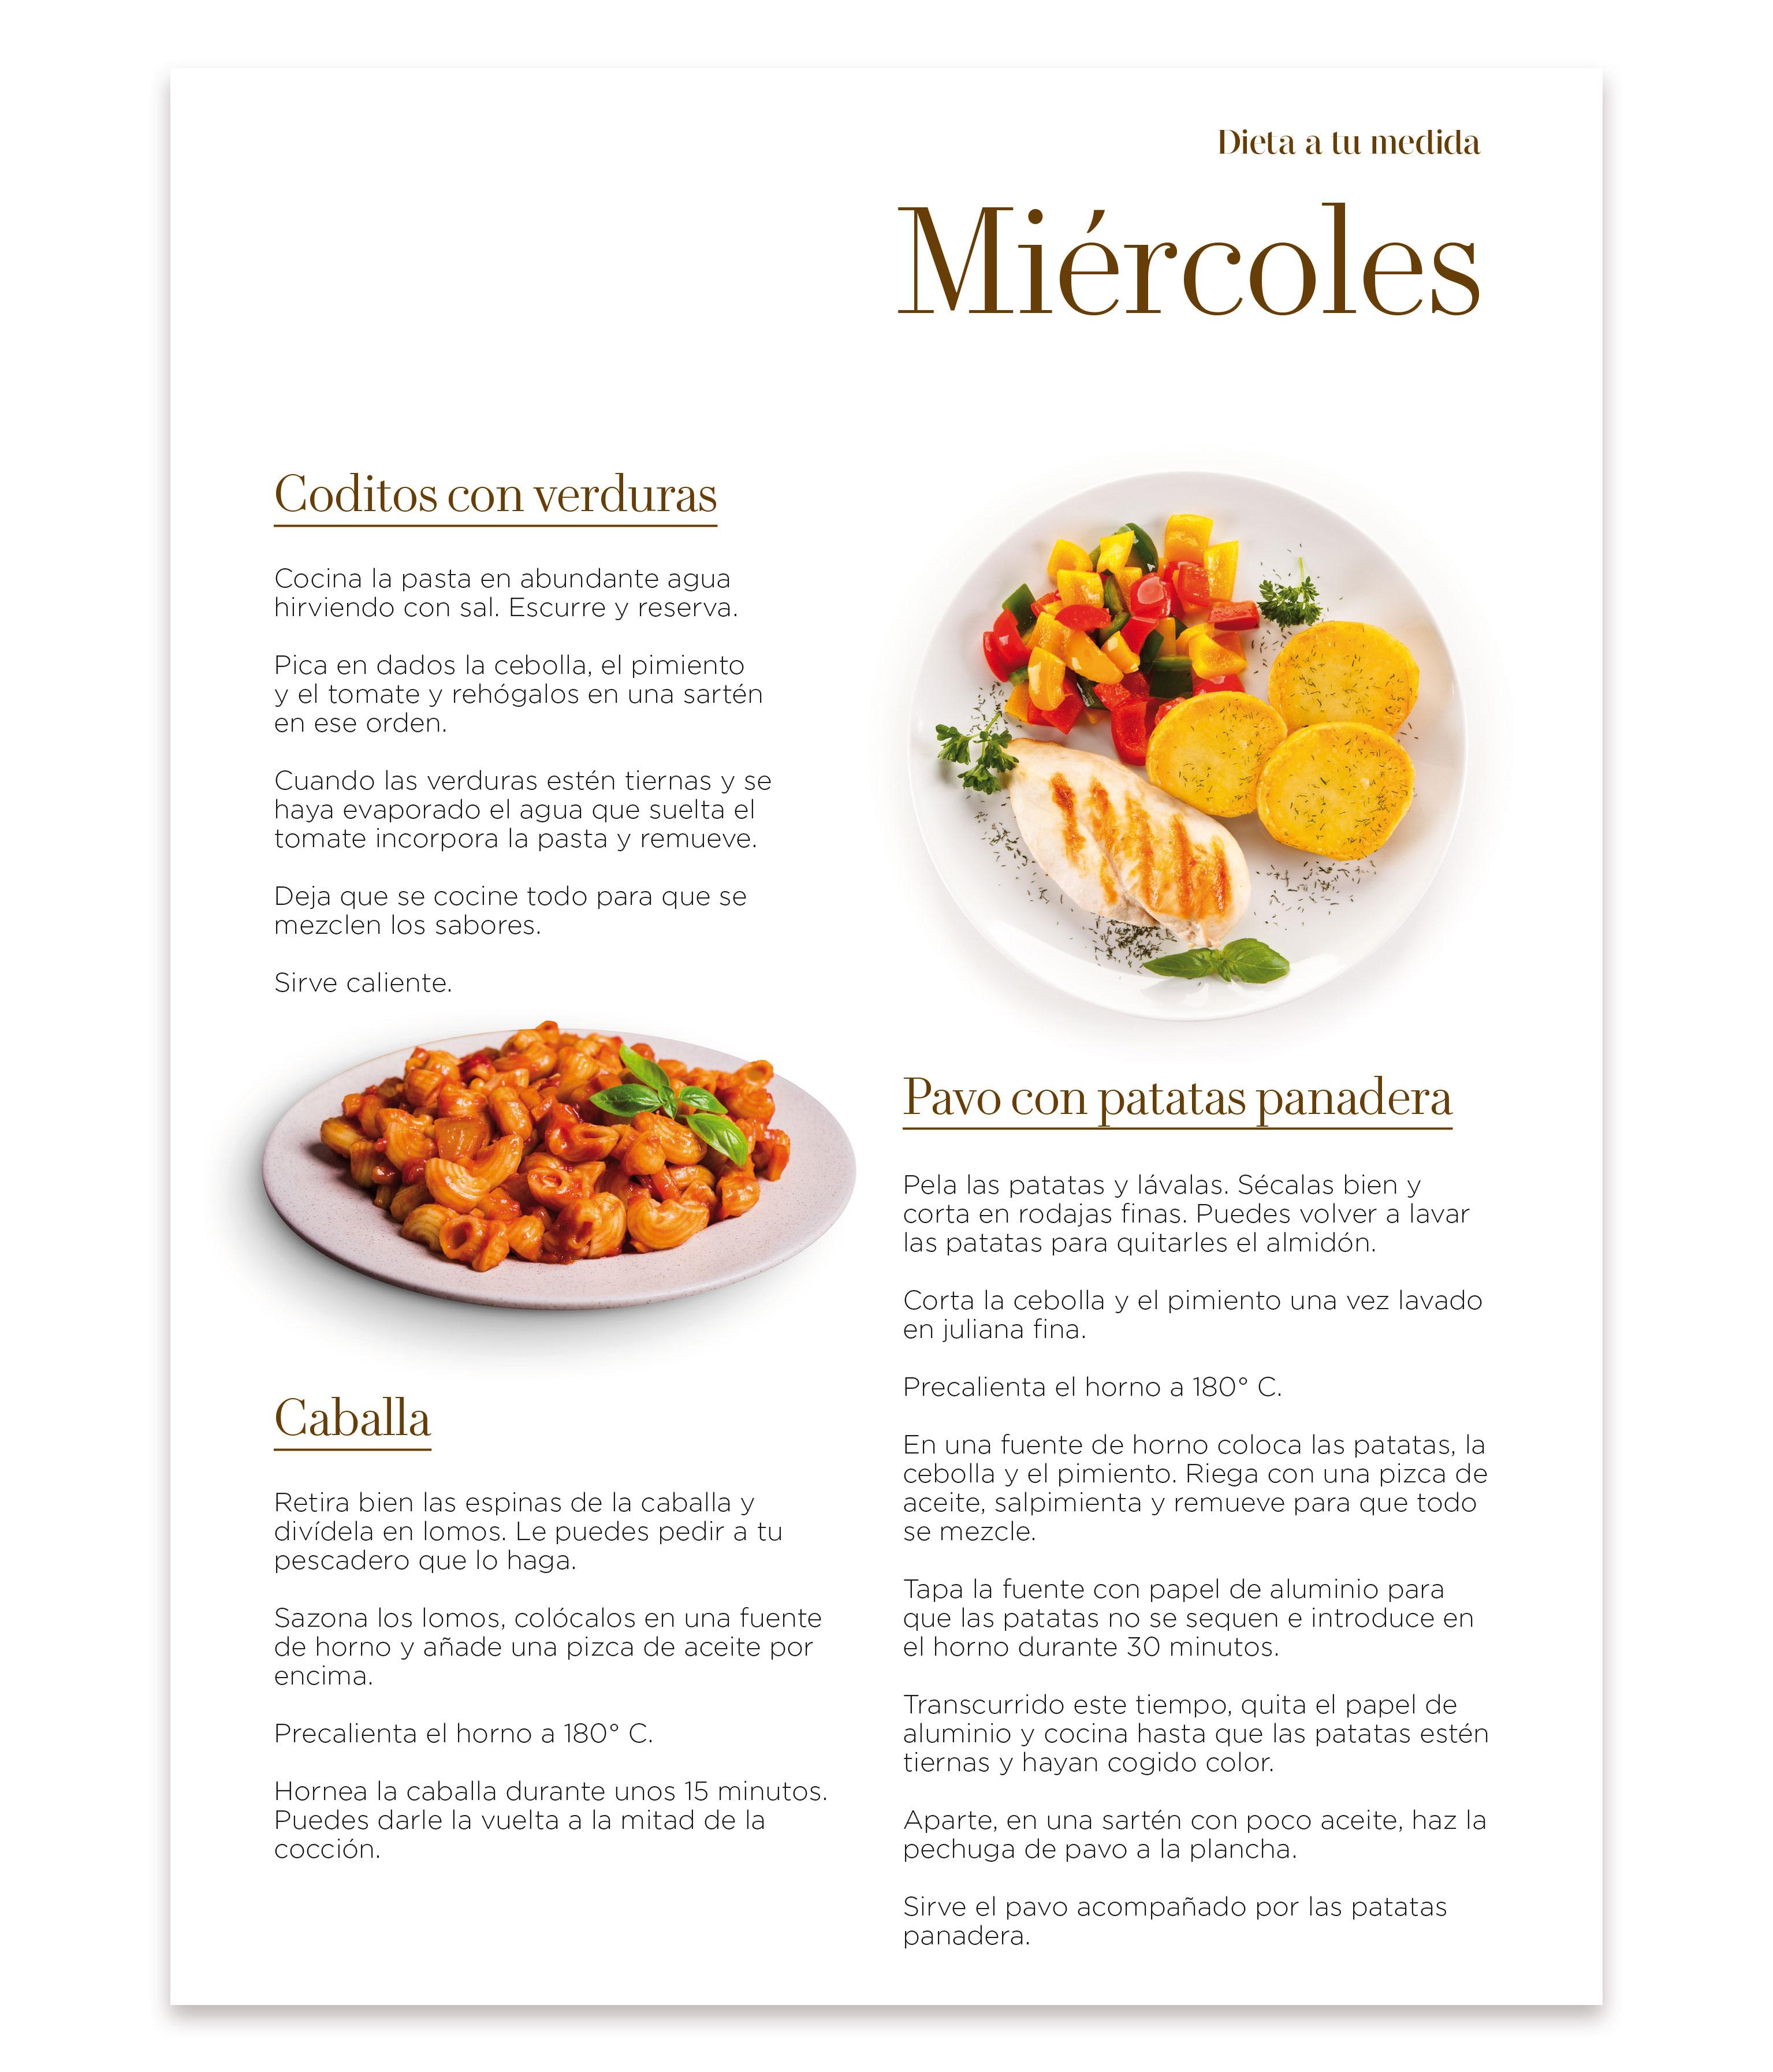 alimentos para bajar de peso saludablemente revista